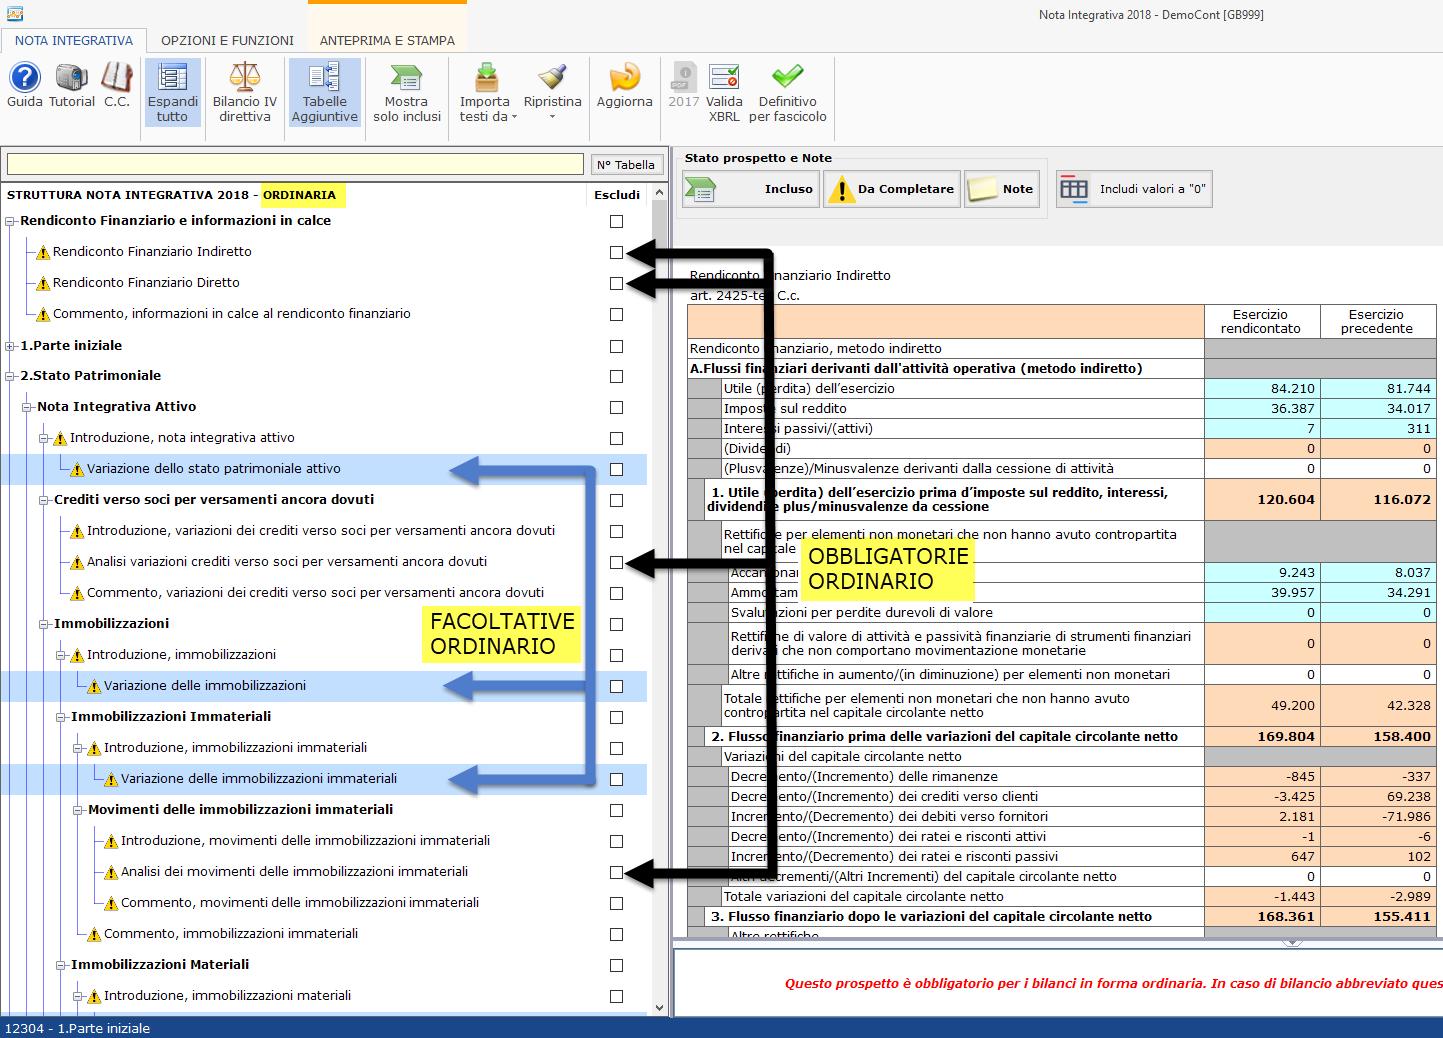 Nota Integrativa: Tabella XBRL - Nota integrativa nello schema di bilancio ordinario